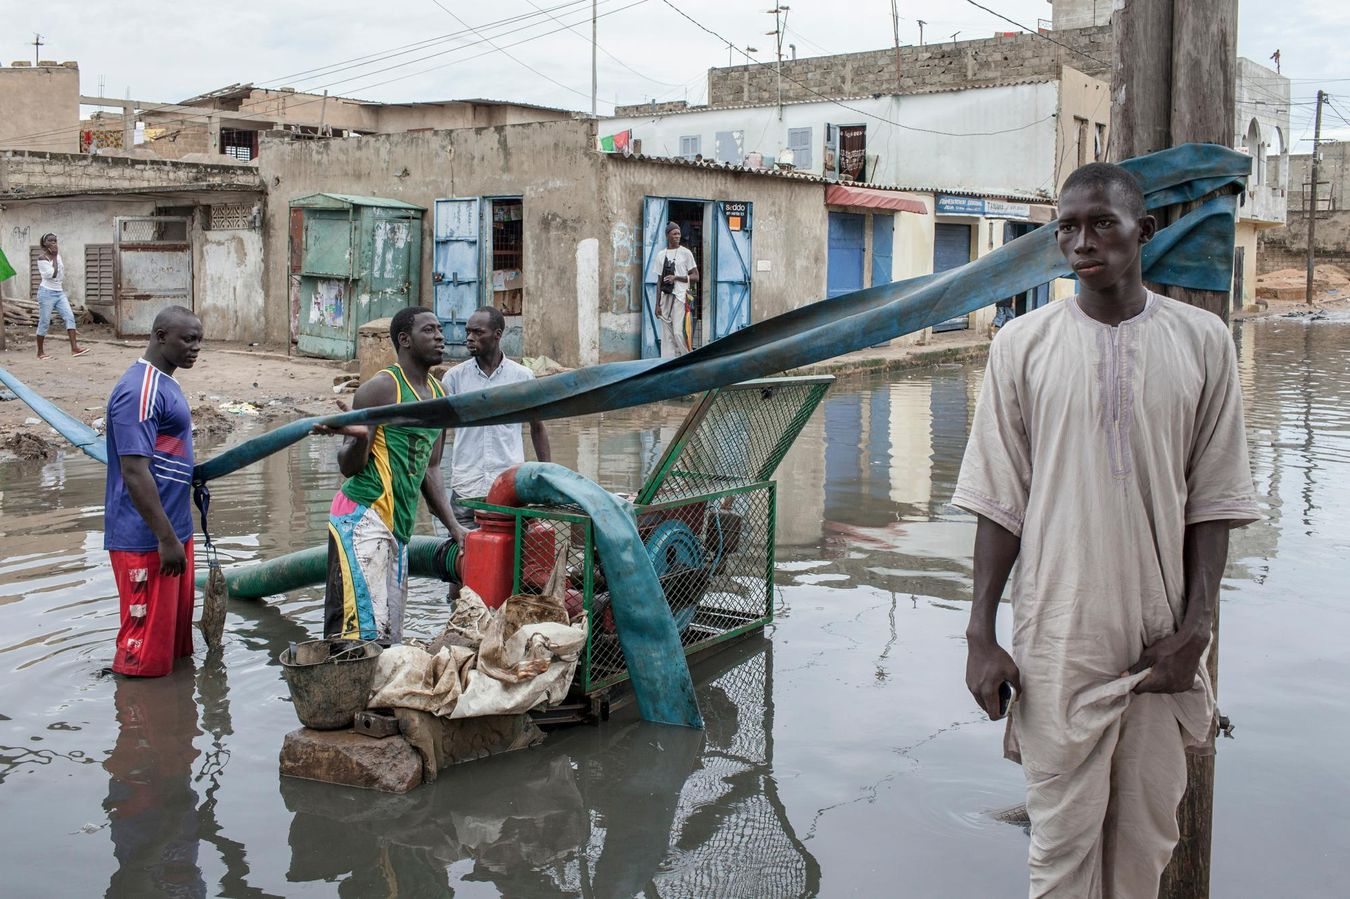 Dans les zones périurbaines, la croissance rapide de la population et les cités construites illégalement ajoutent au chaos pendant la saison des pluies, de juillet à septembre. La Banque mondiale estime à 40% la proportion de maisons qui ont été construites dans des zones à risques.